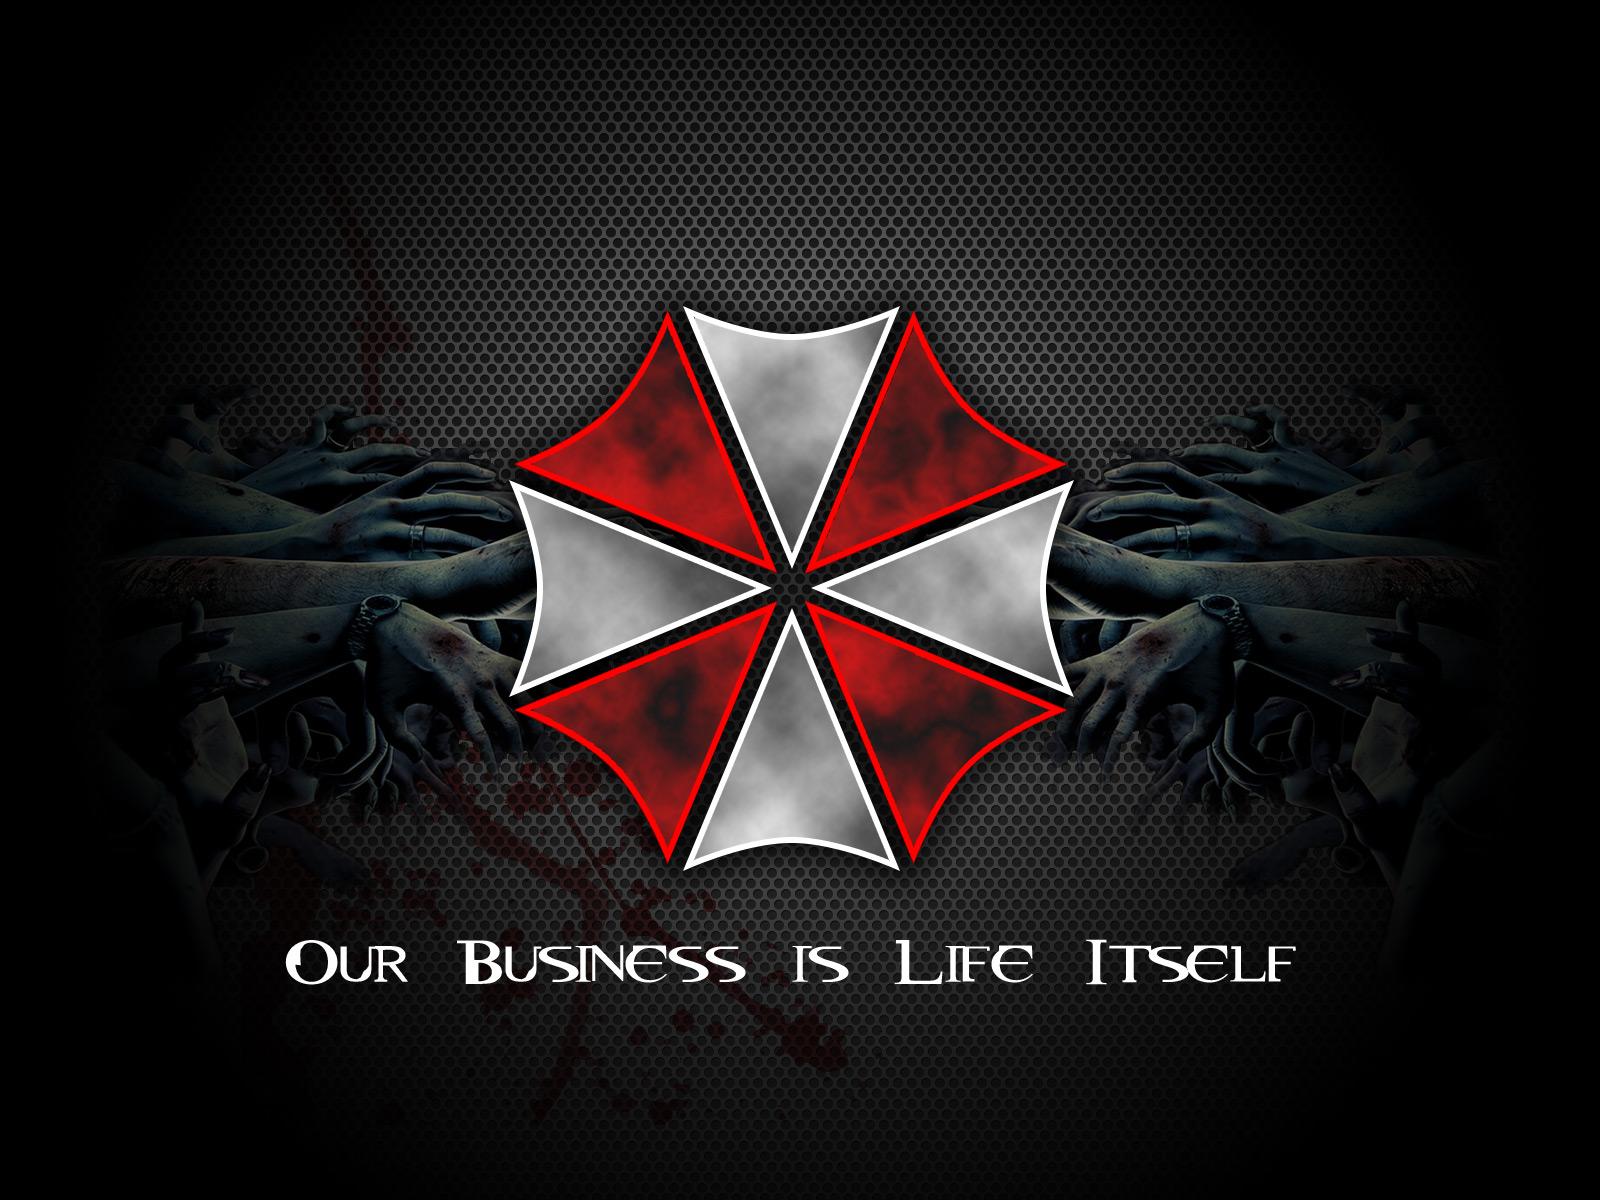 Hd wallpaper resident evil - Resident Evil